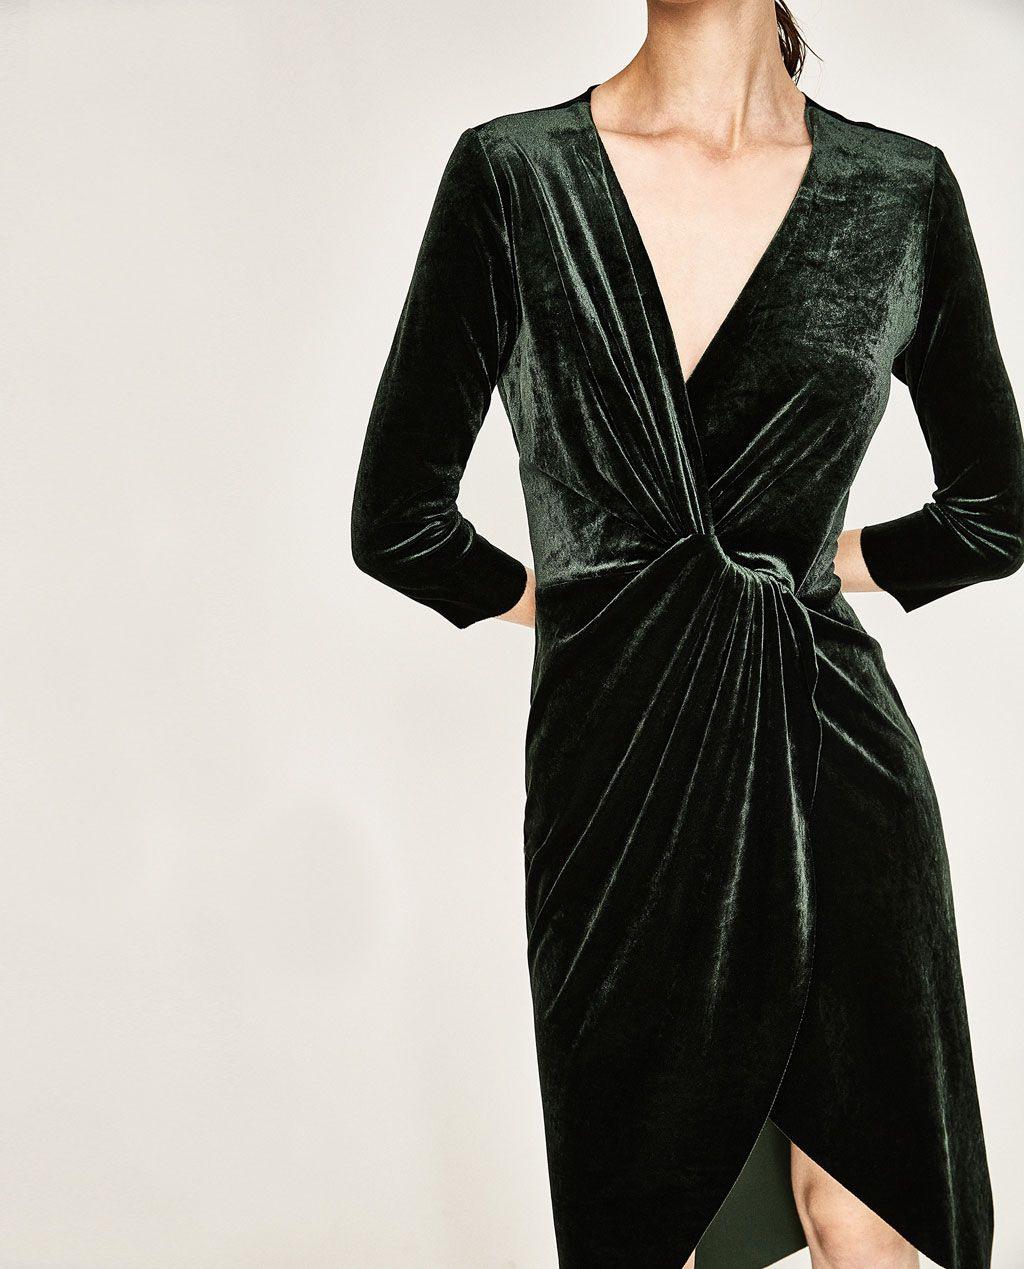 Designer Top Zara Abend Kleid für 2019Formal Genial Zara Abend Kleid Stylish